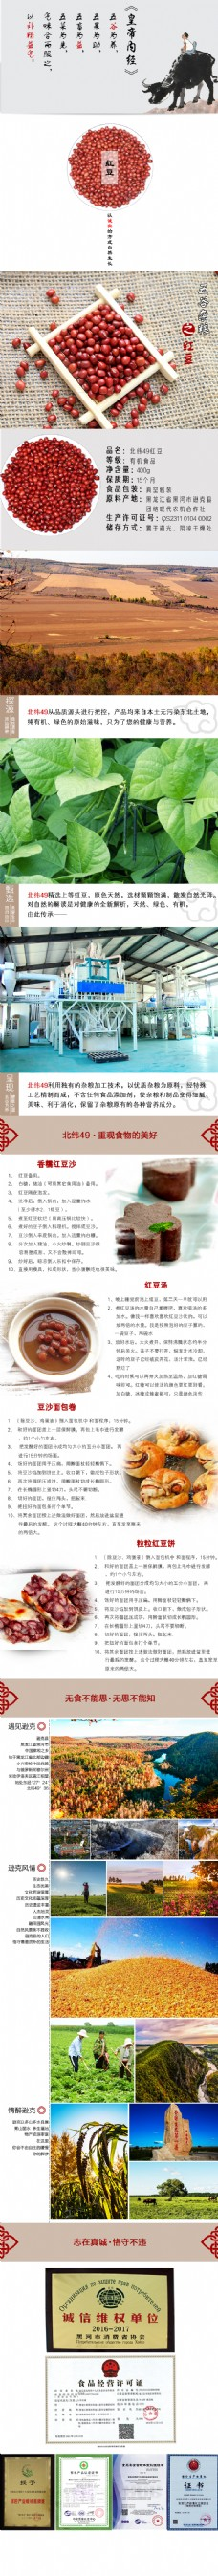 红豆详情页